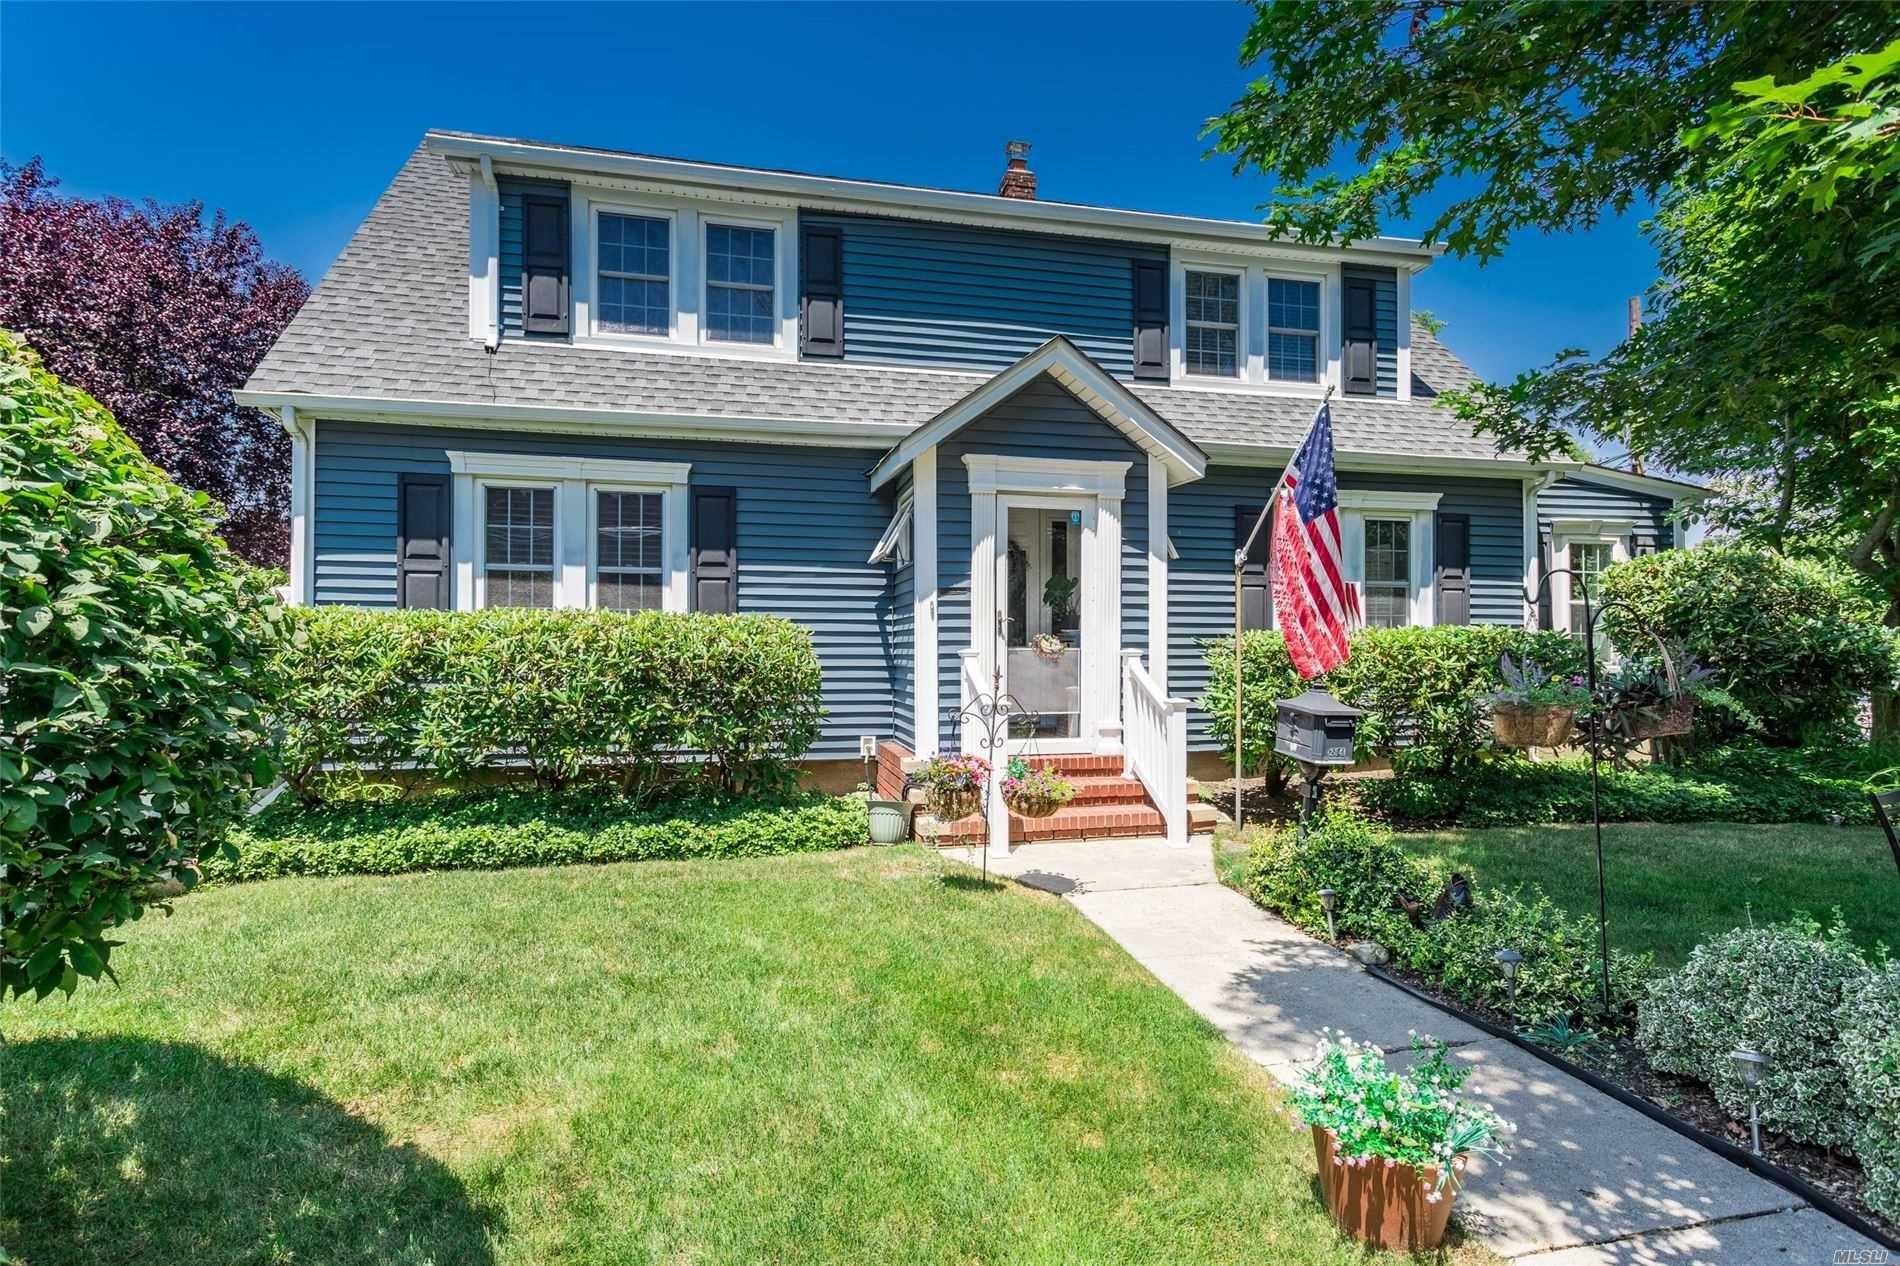 2841 Martin Ave, Bellmore, NY 11710 - MLS#: 3229440